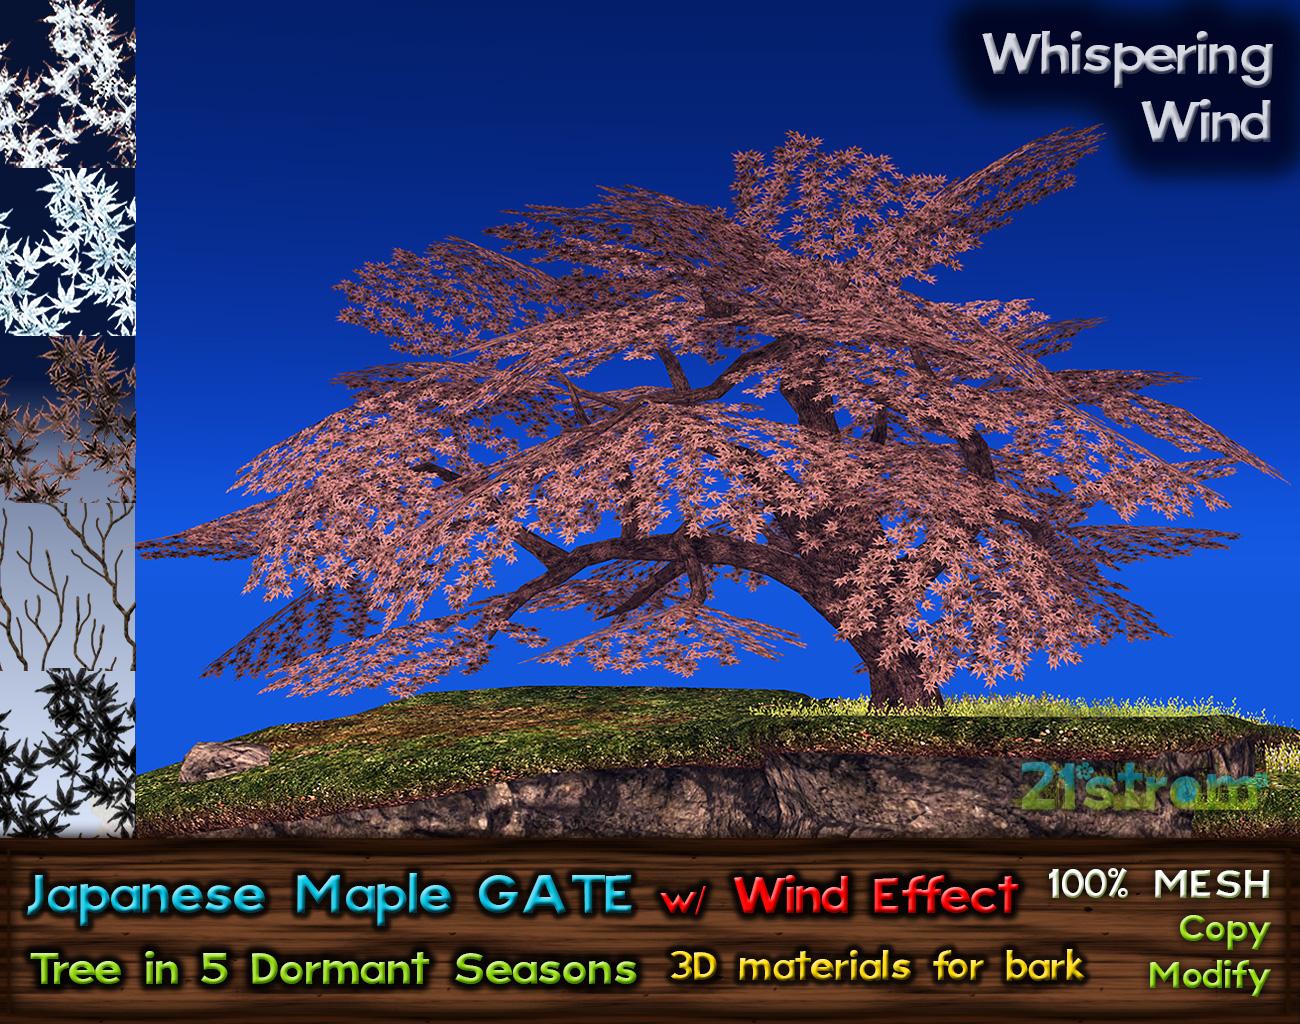 JapaneseMaple-GATE-Dormant01